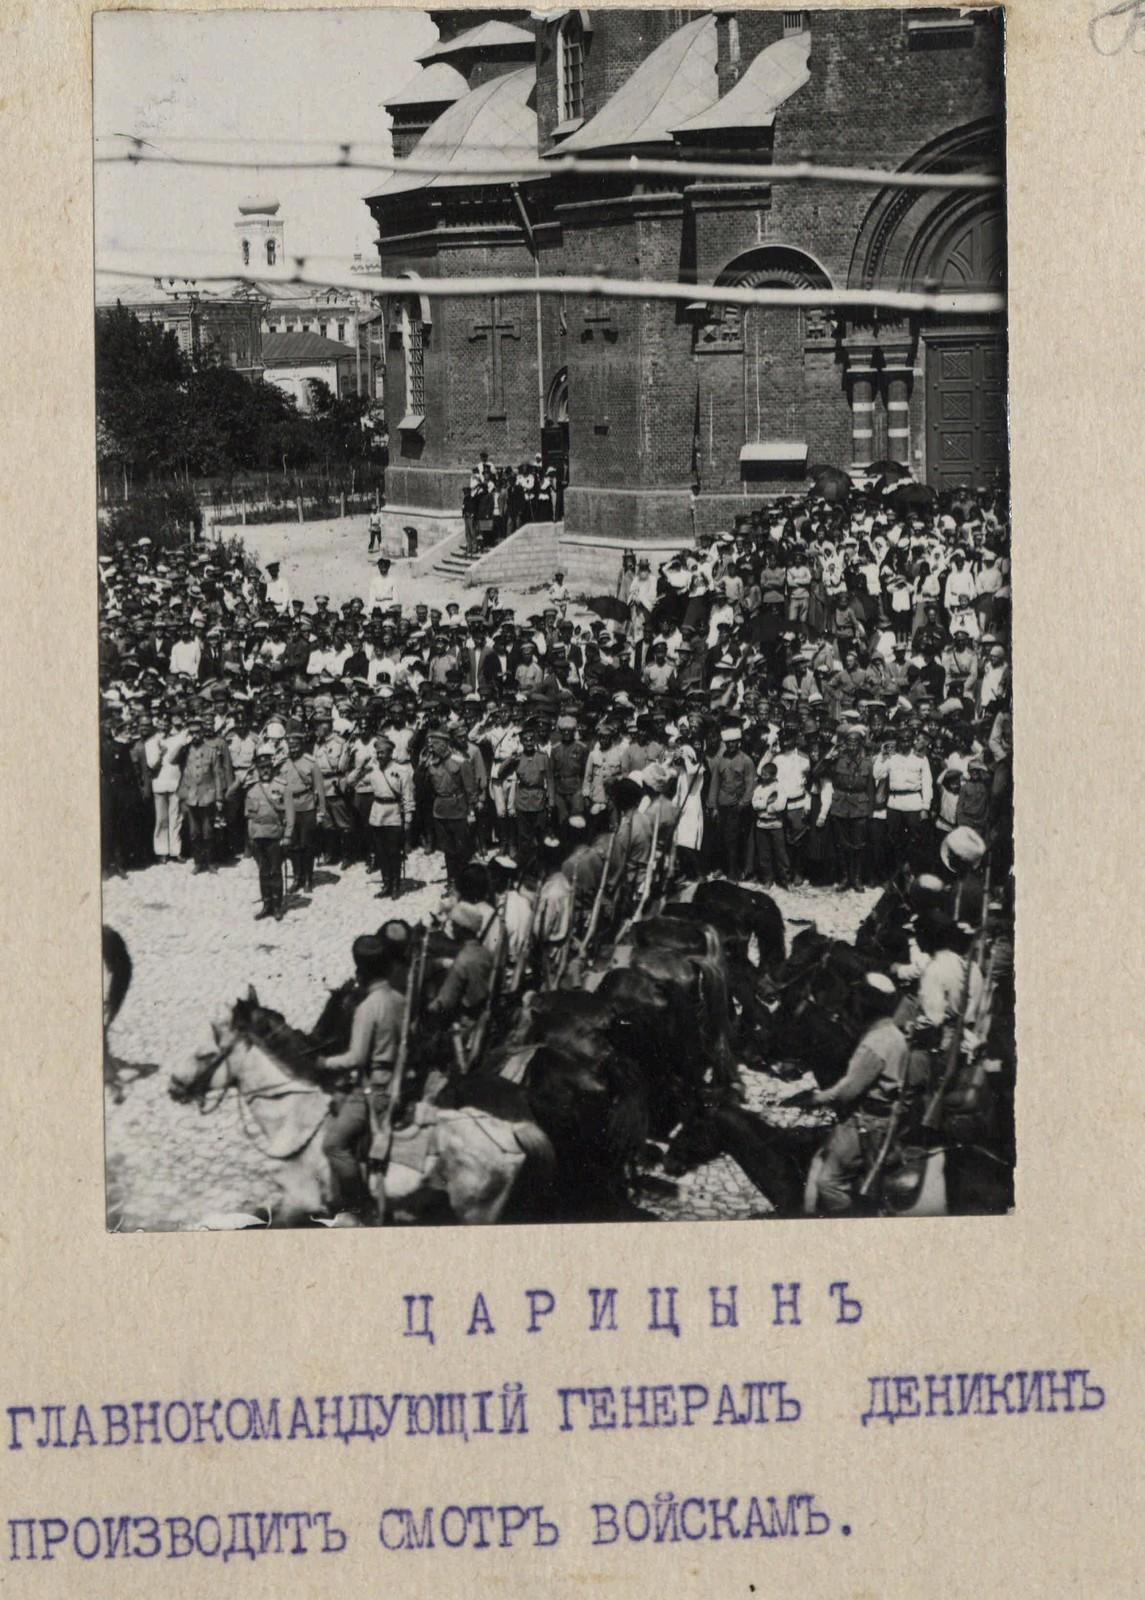 1919. Царицын. Главнокомандующий Деникин проводит смотр войскам